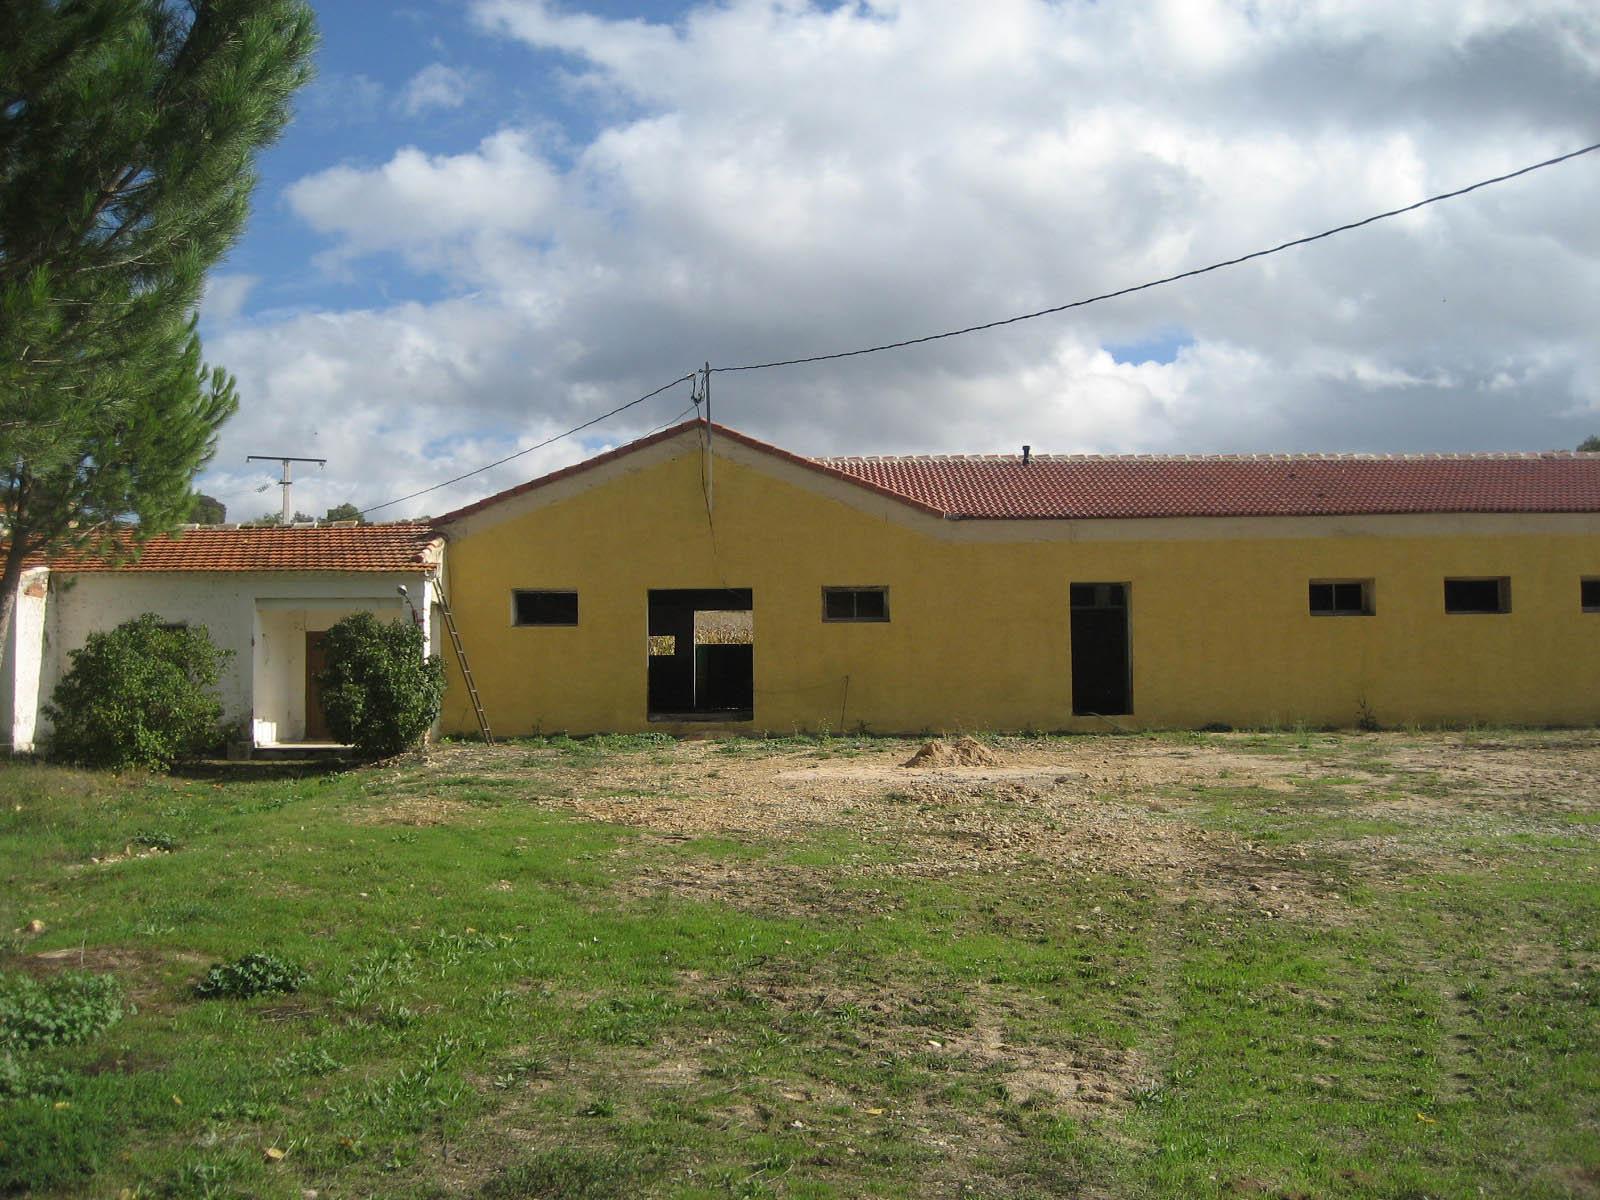 SAT 9870 Santa María de Ovila – Gallinas camperas